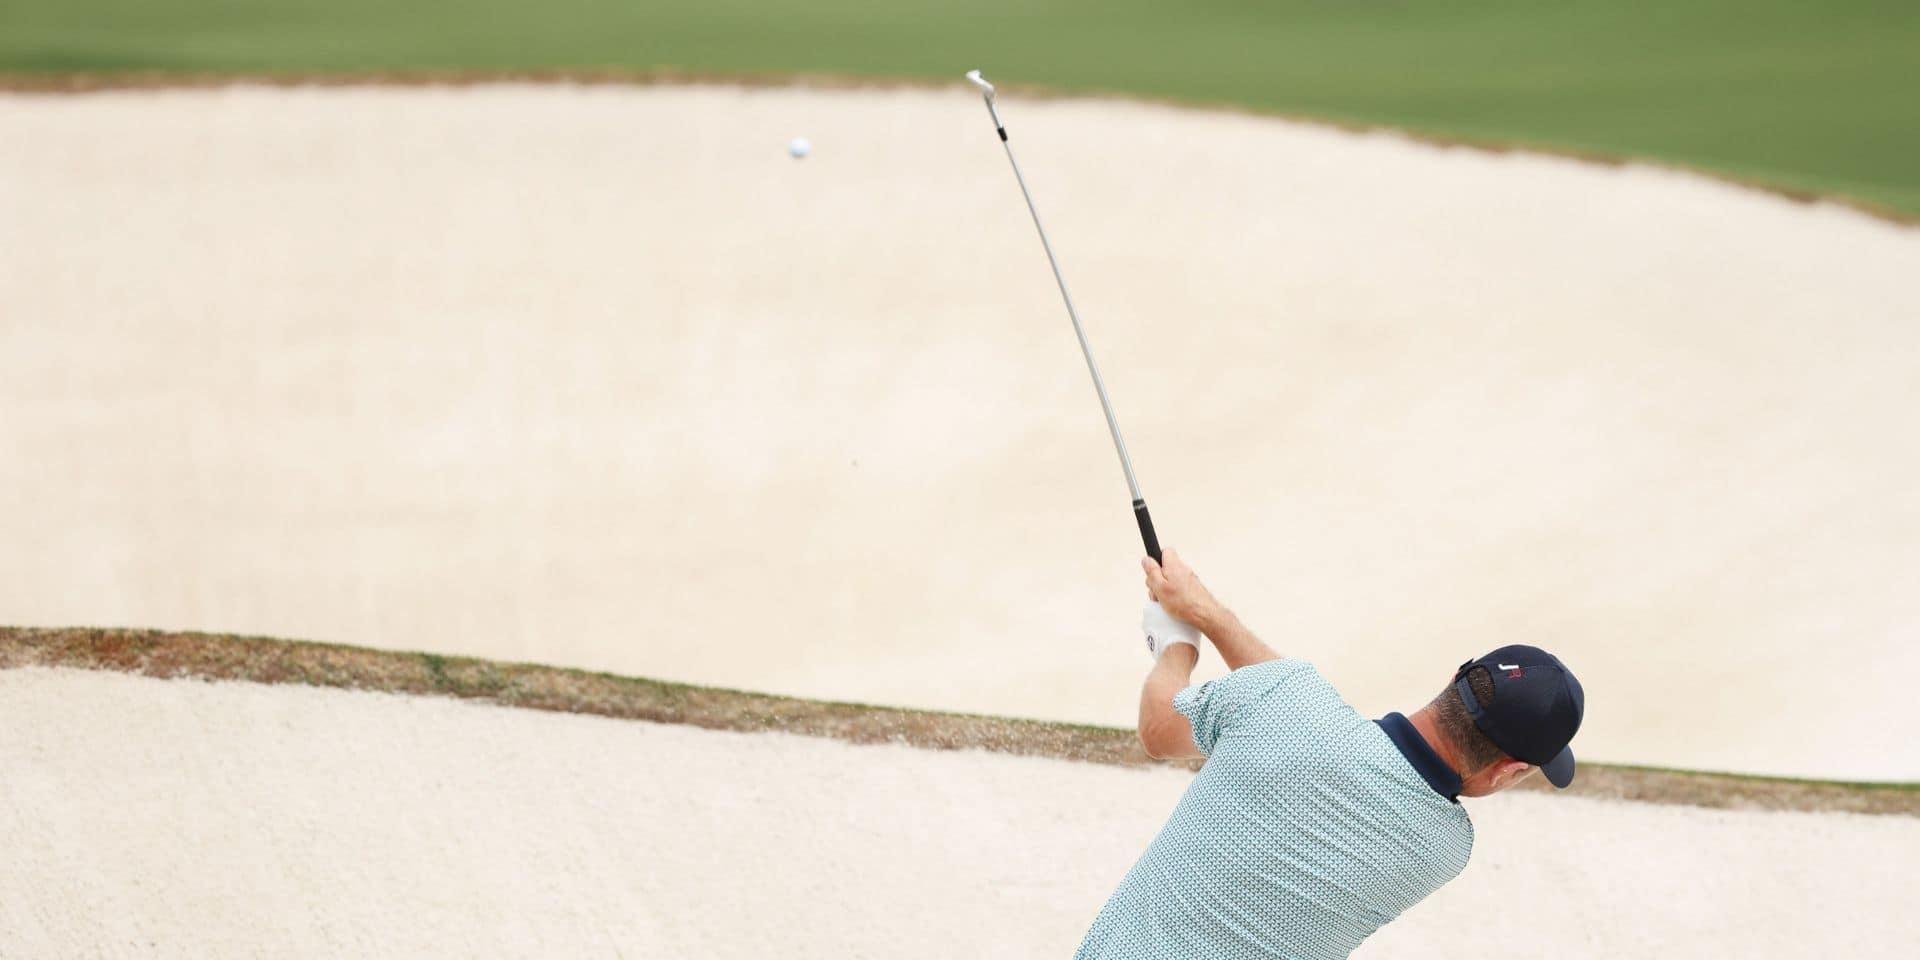 Masters d'Augusta: Justin Rose toujours en tête après le 2e tour, Spieth et Thomas se rapprochent